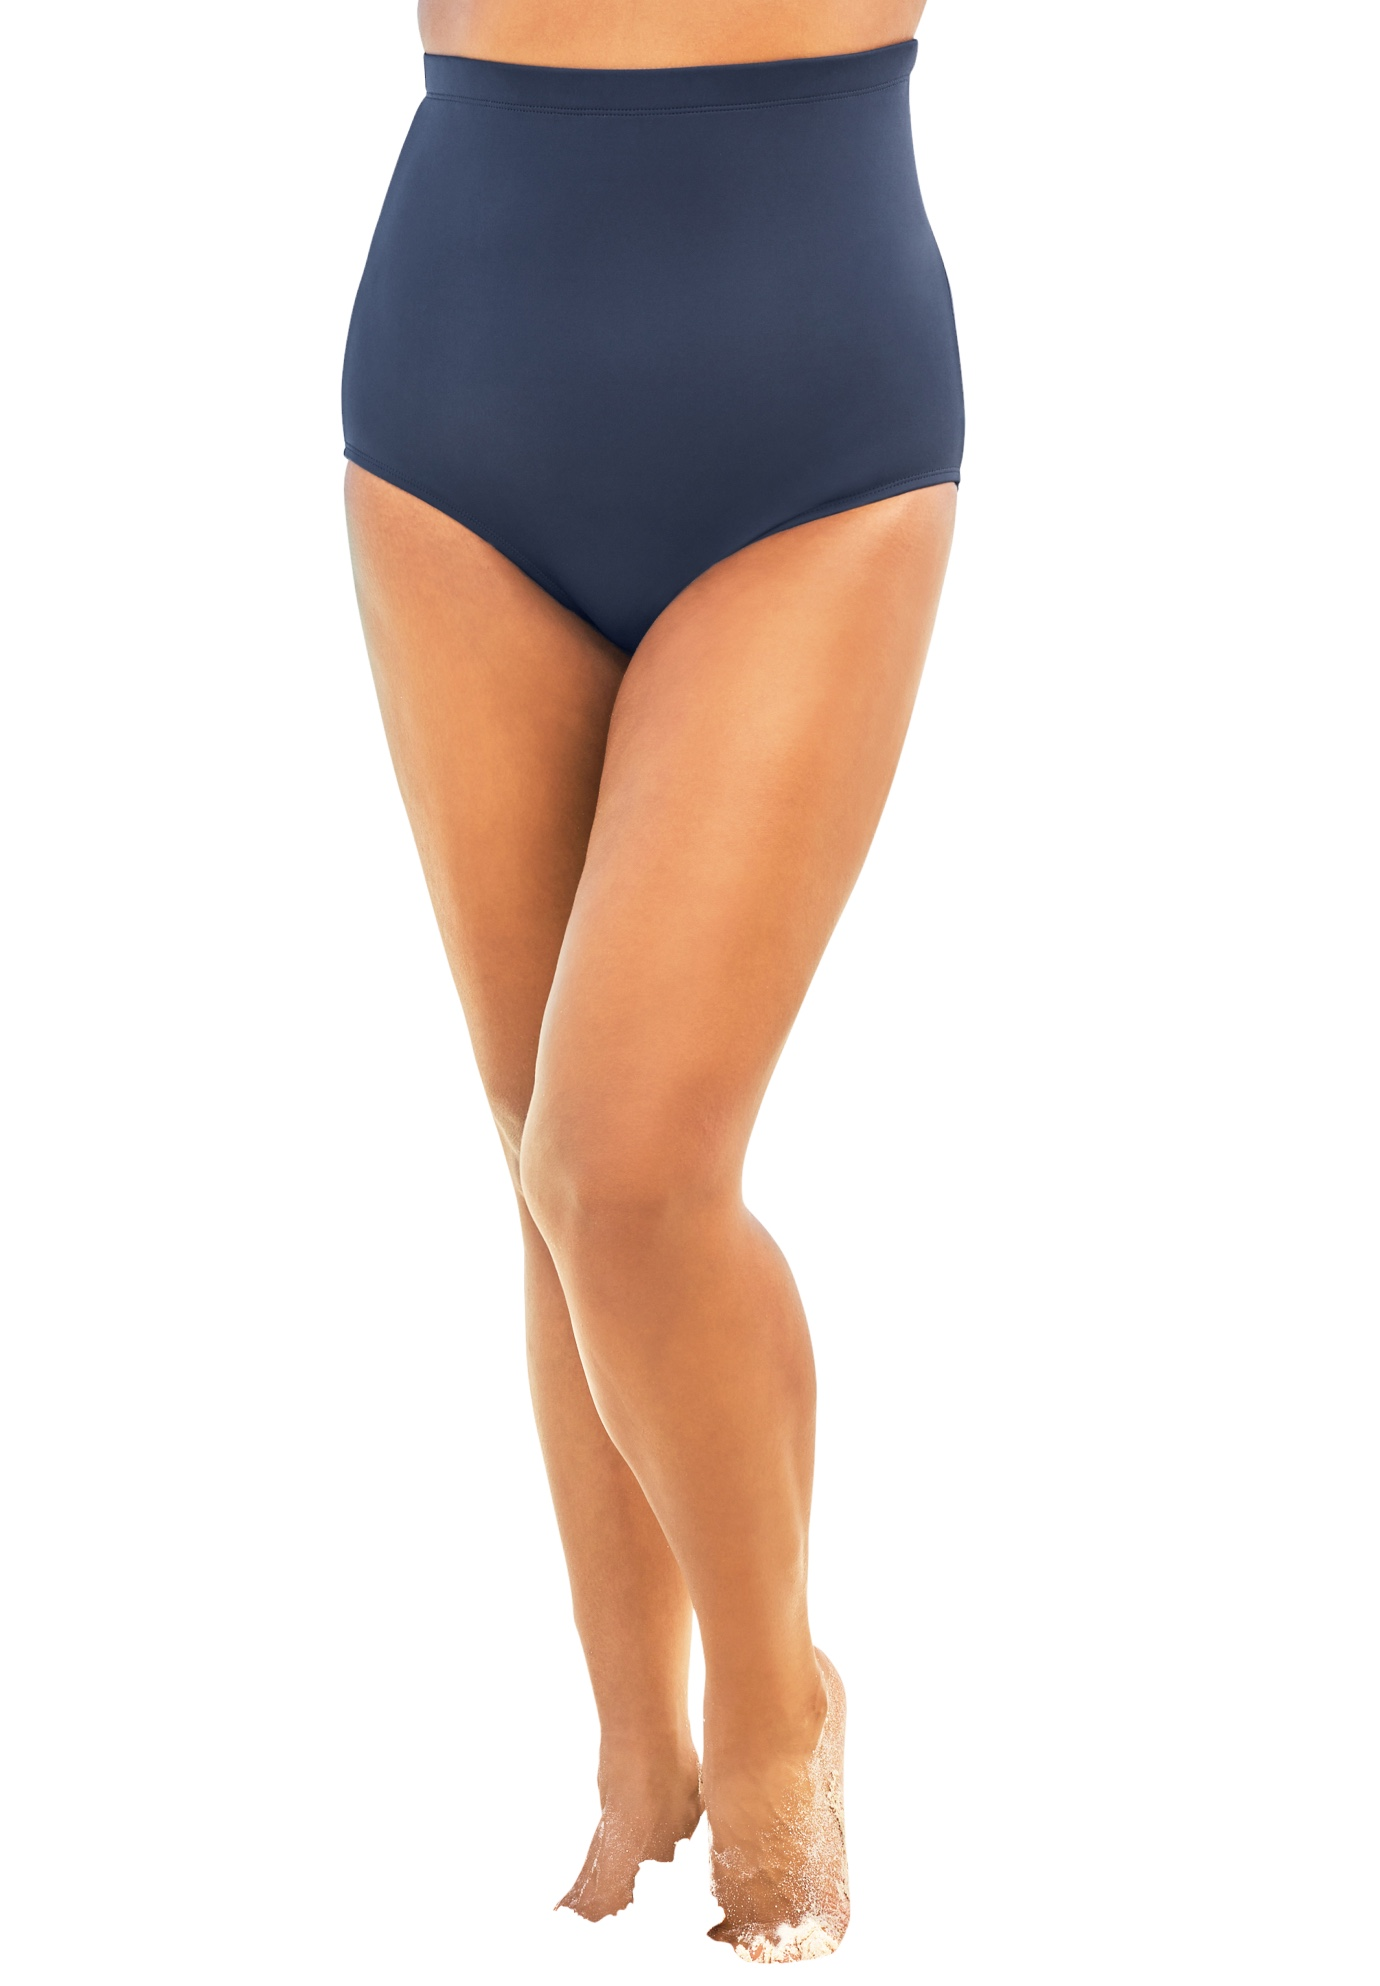 Plus Size Women's High-Waist Swim Brief with Tummy Control by Swim 365 in Navy